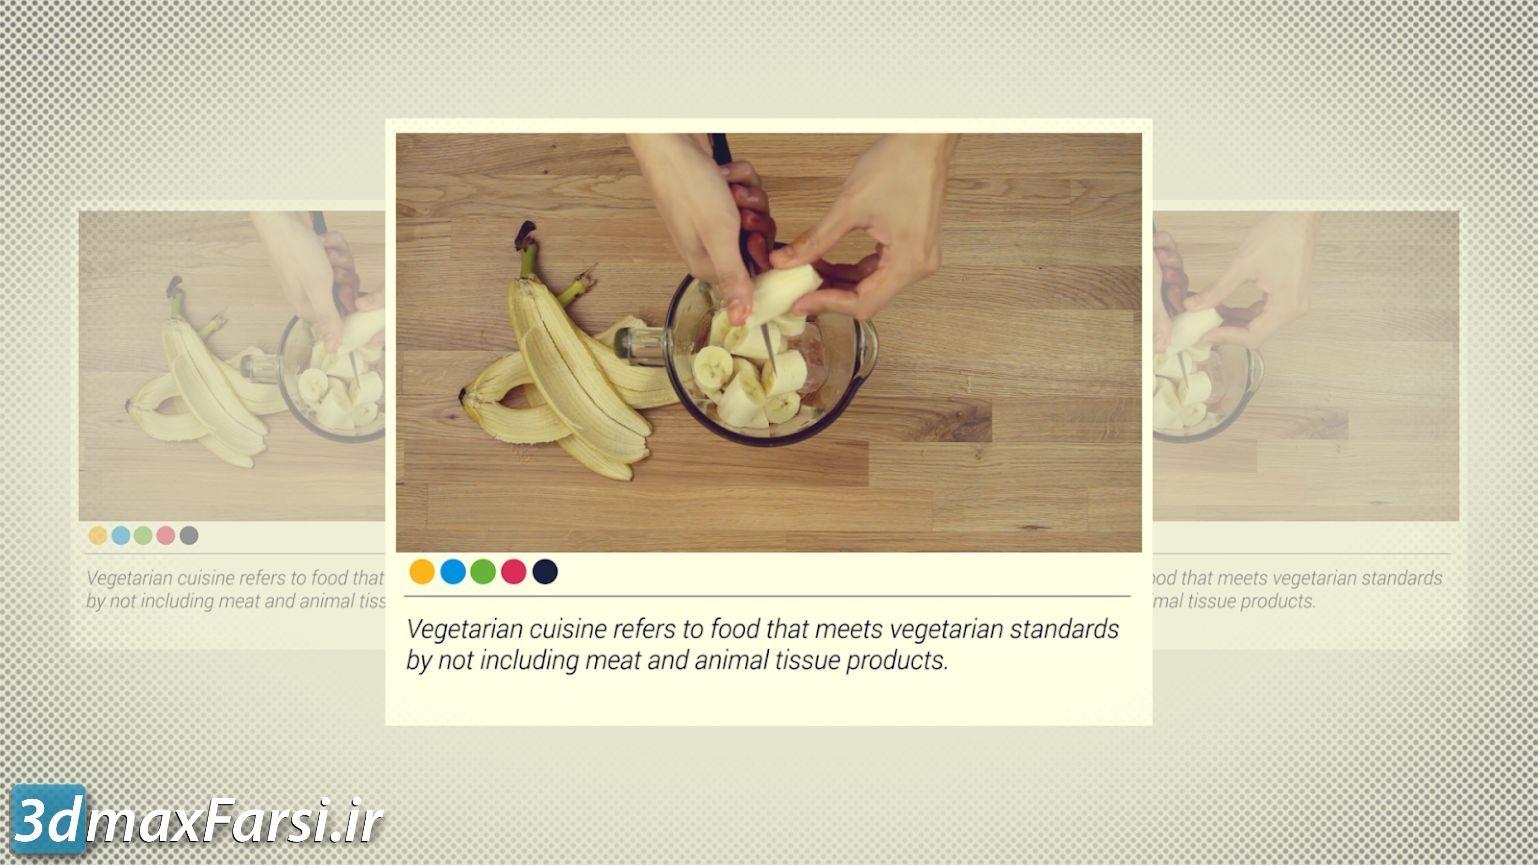 نمونه کارهای فیلم و تیزر تبلیغاتی دانلود Online Store Promo